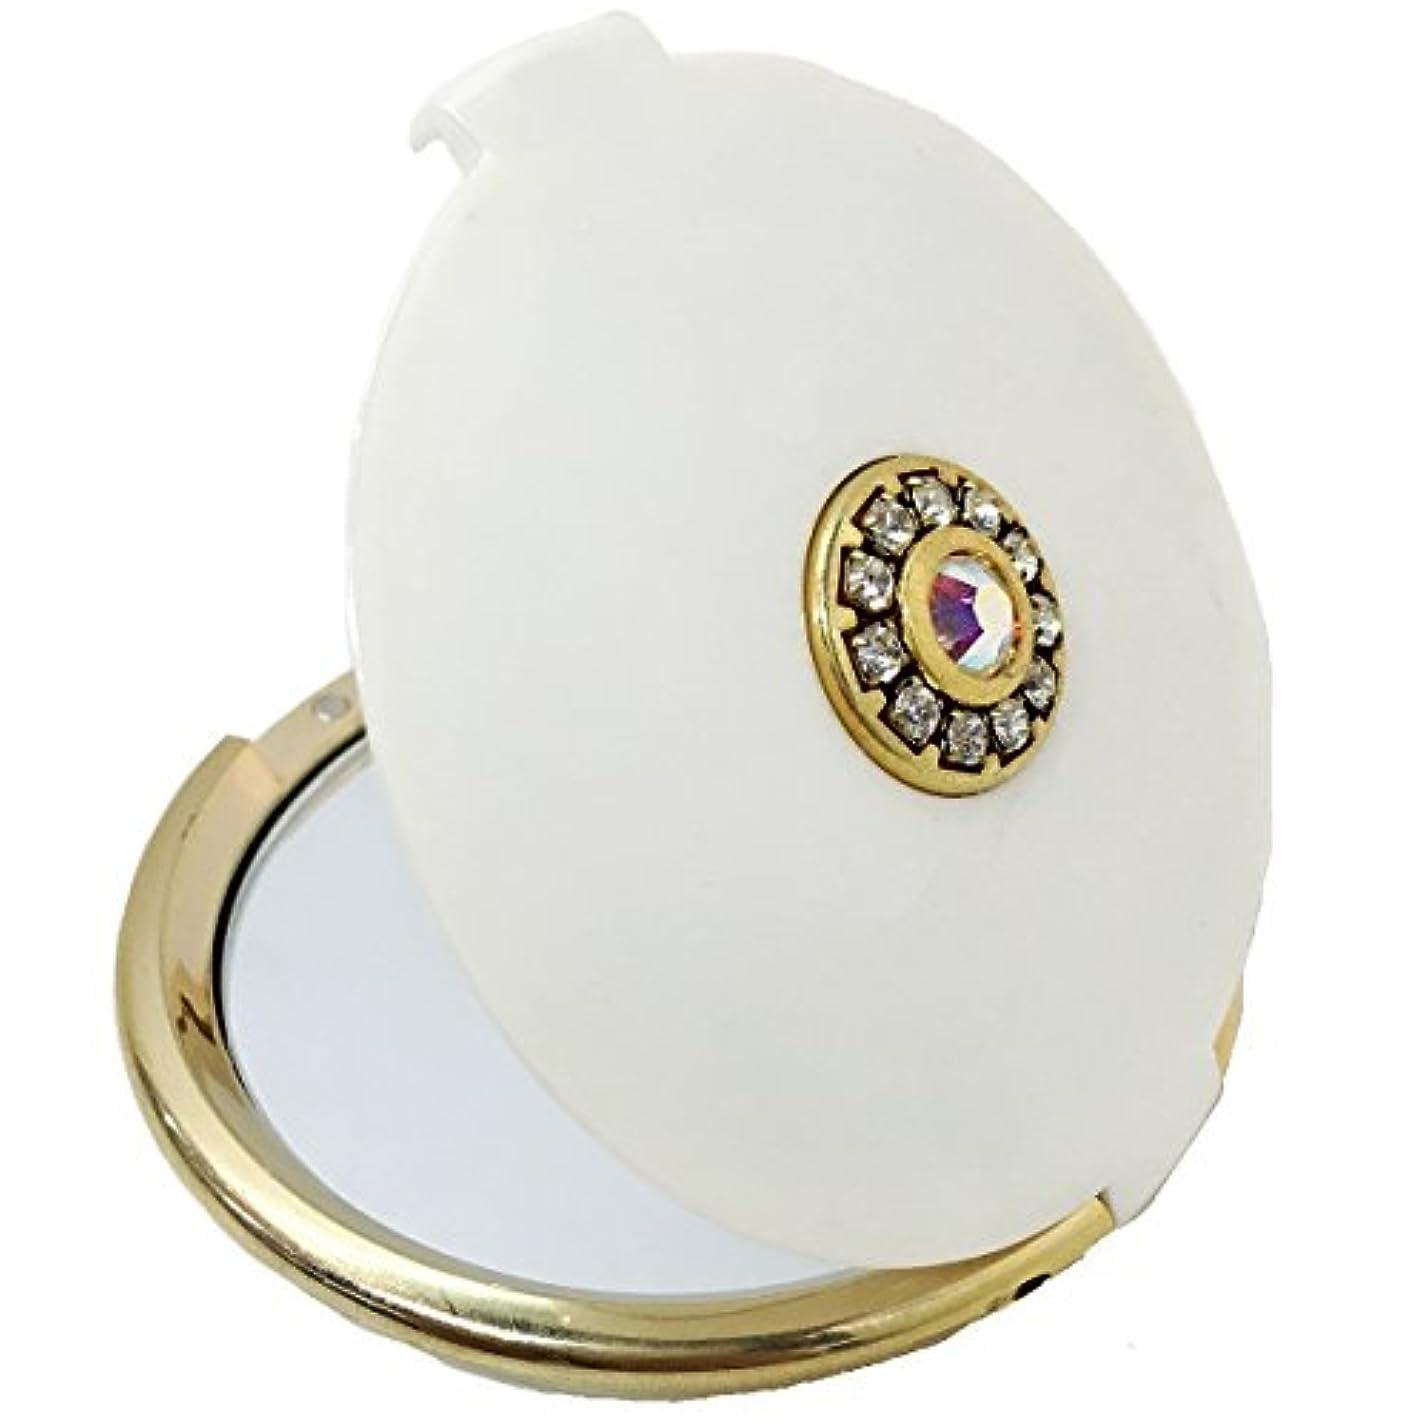 ペストリー福祉手錠センコー 両面コンパクトミラー ホワイトパール ゴールド 直径:約8cm 51451